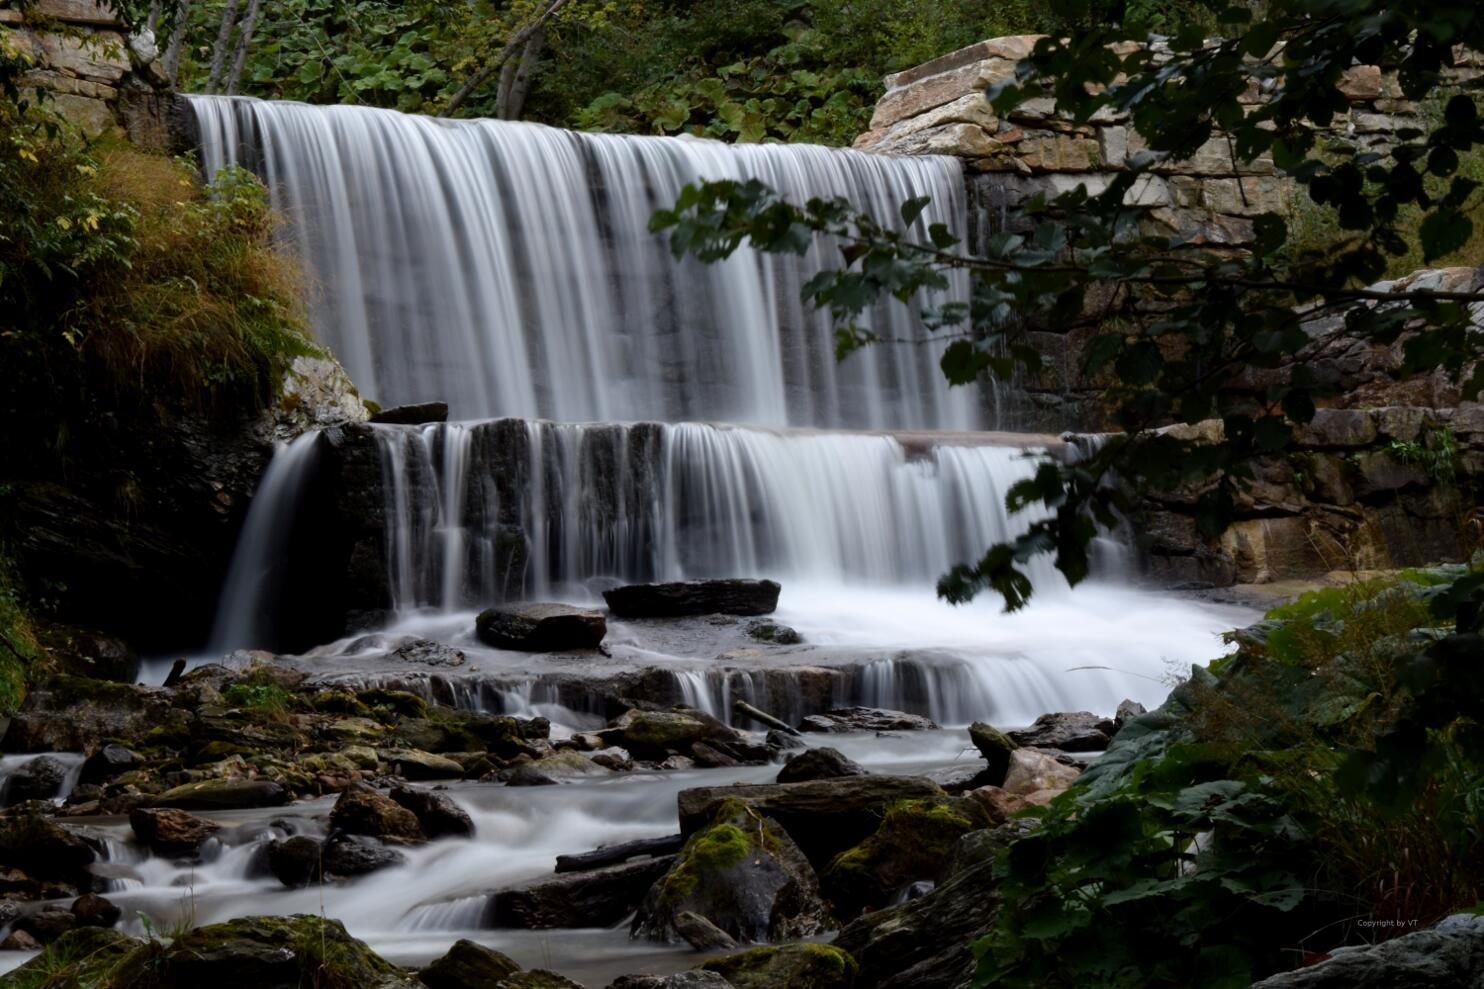 Wasserfall am Flusscamp